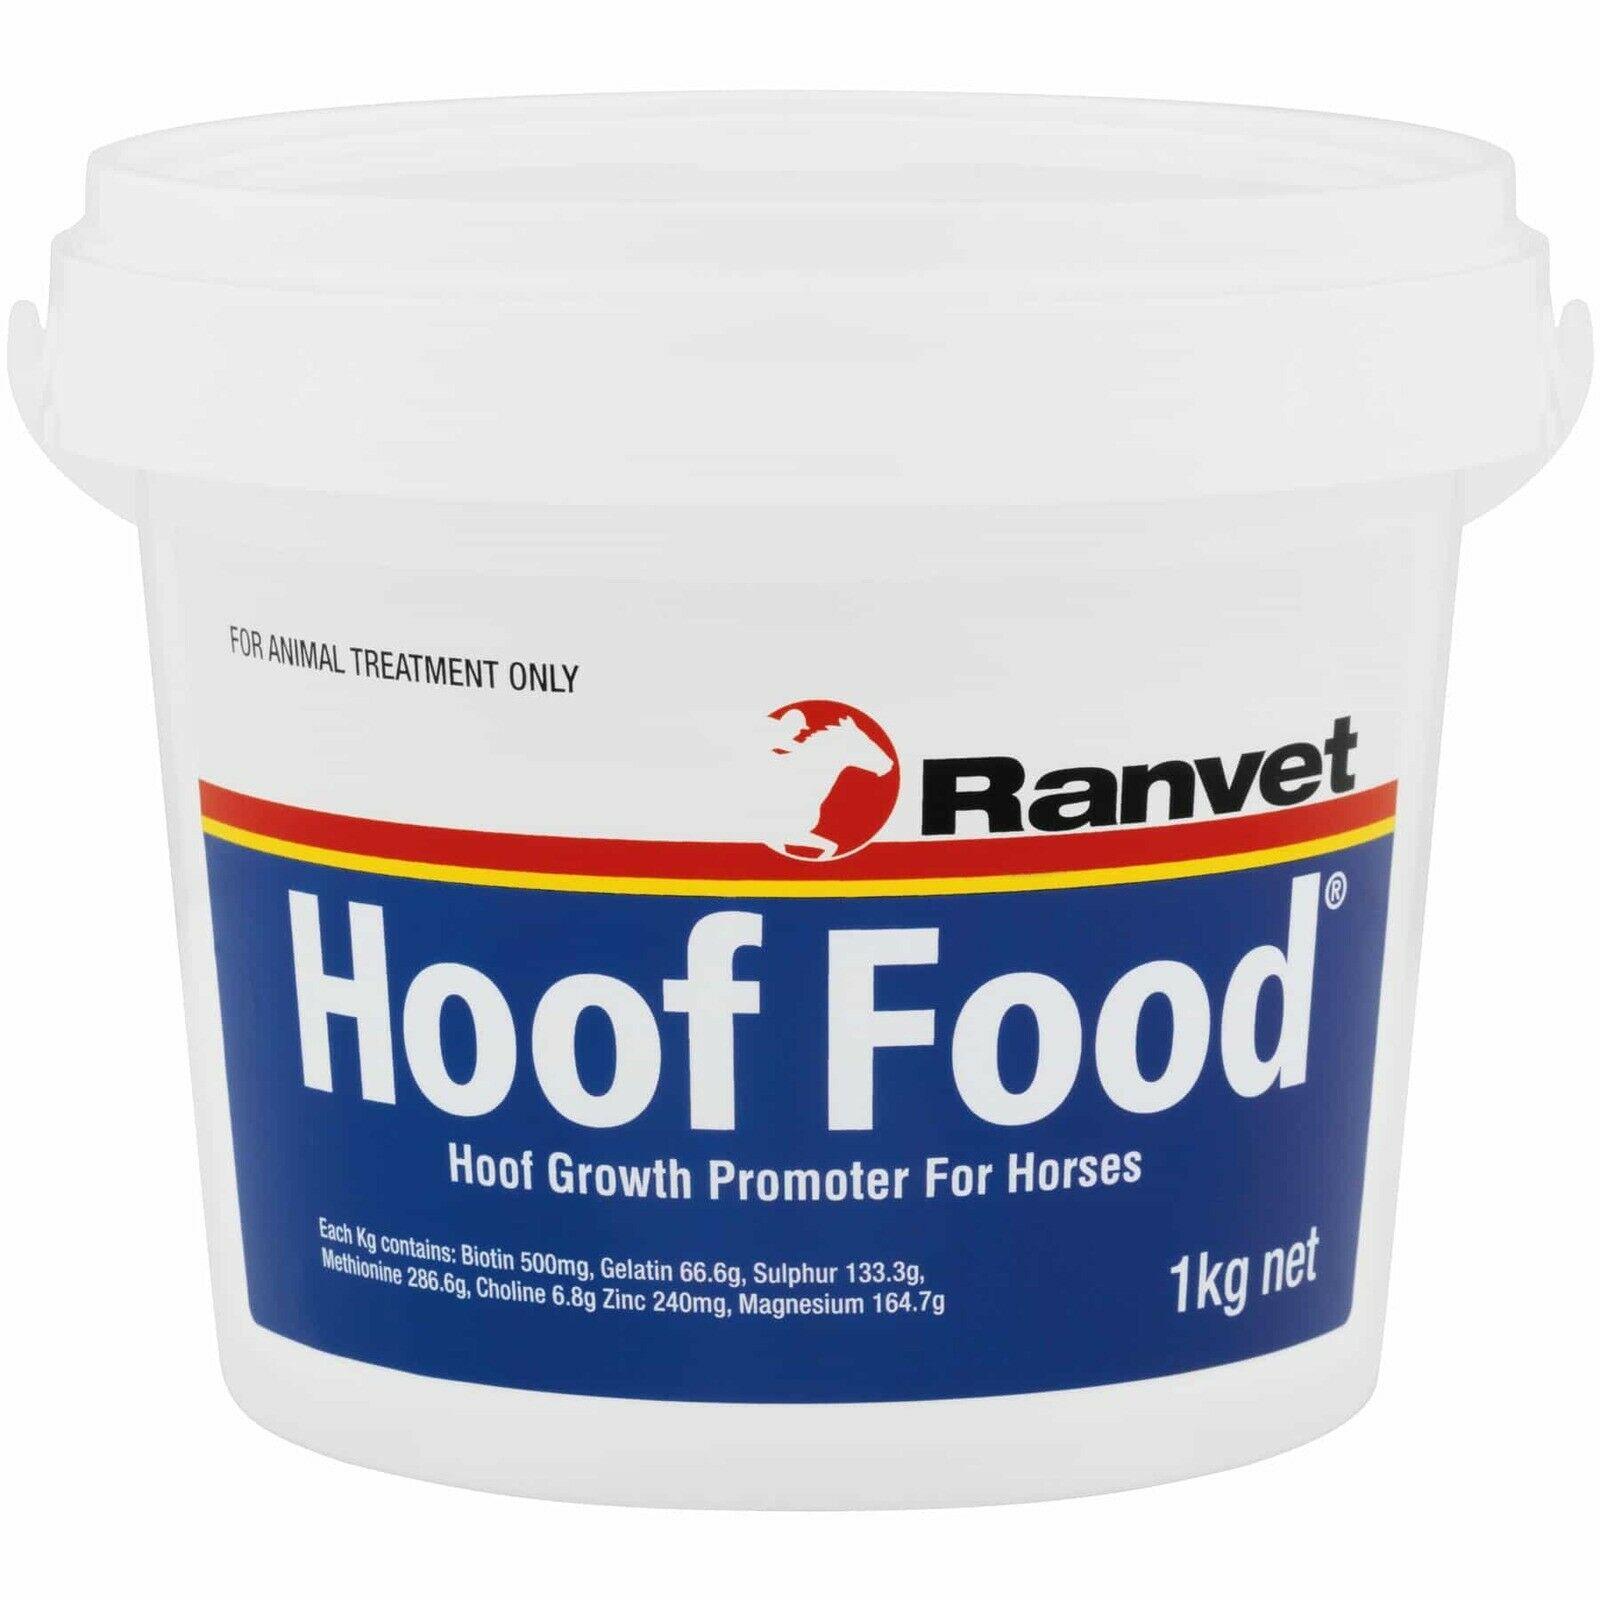 Hoof Food 1kg at Bowral Coop